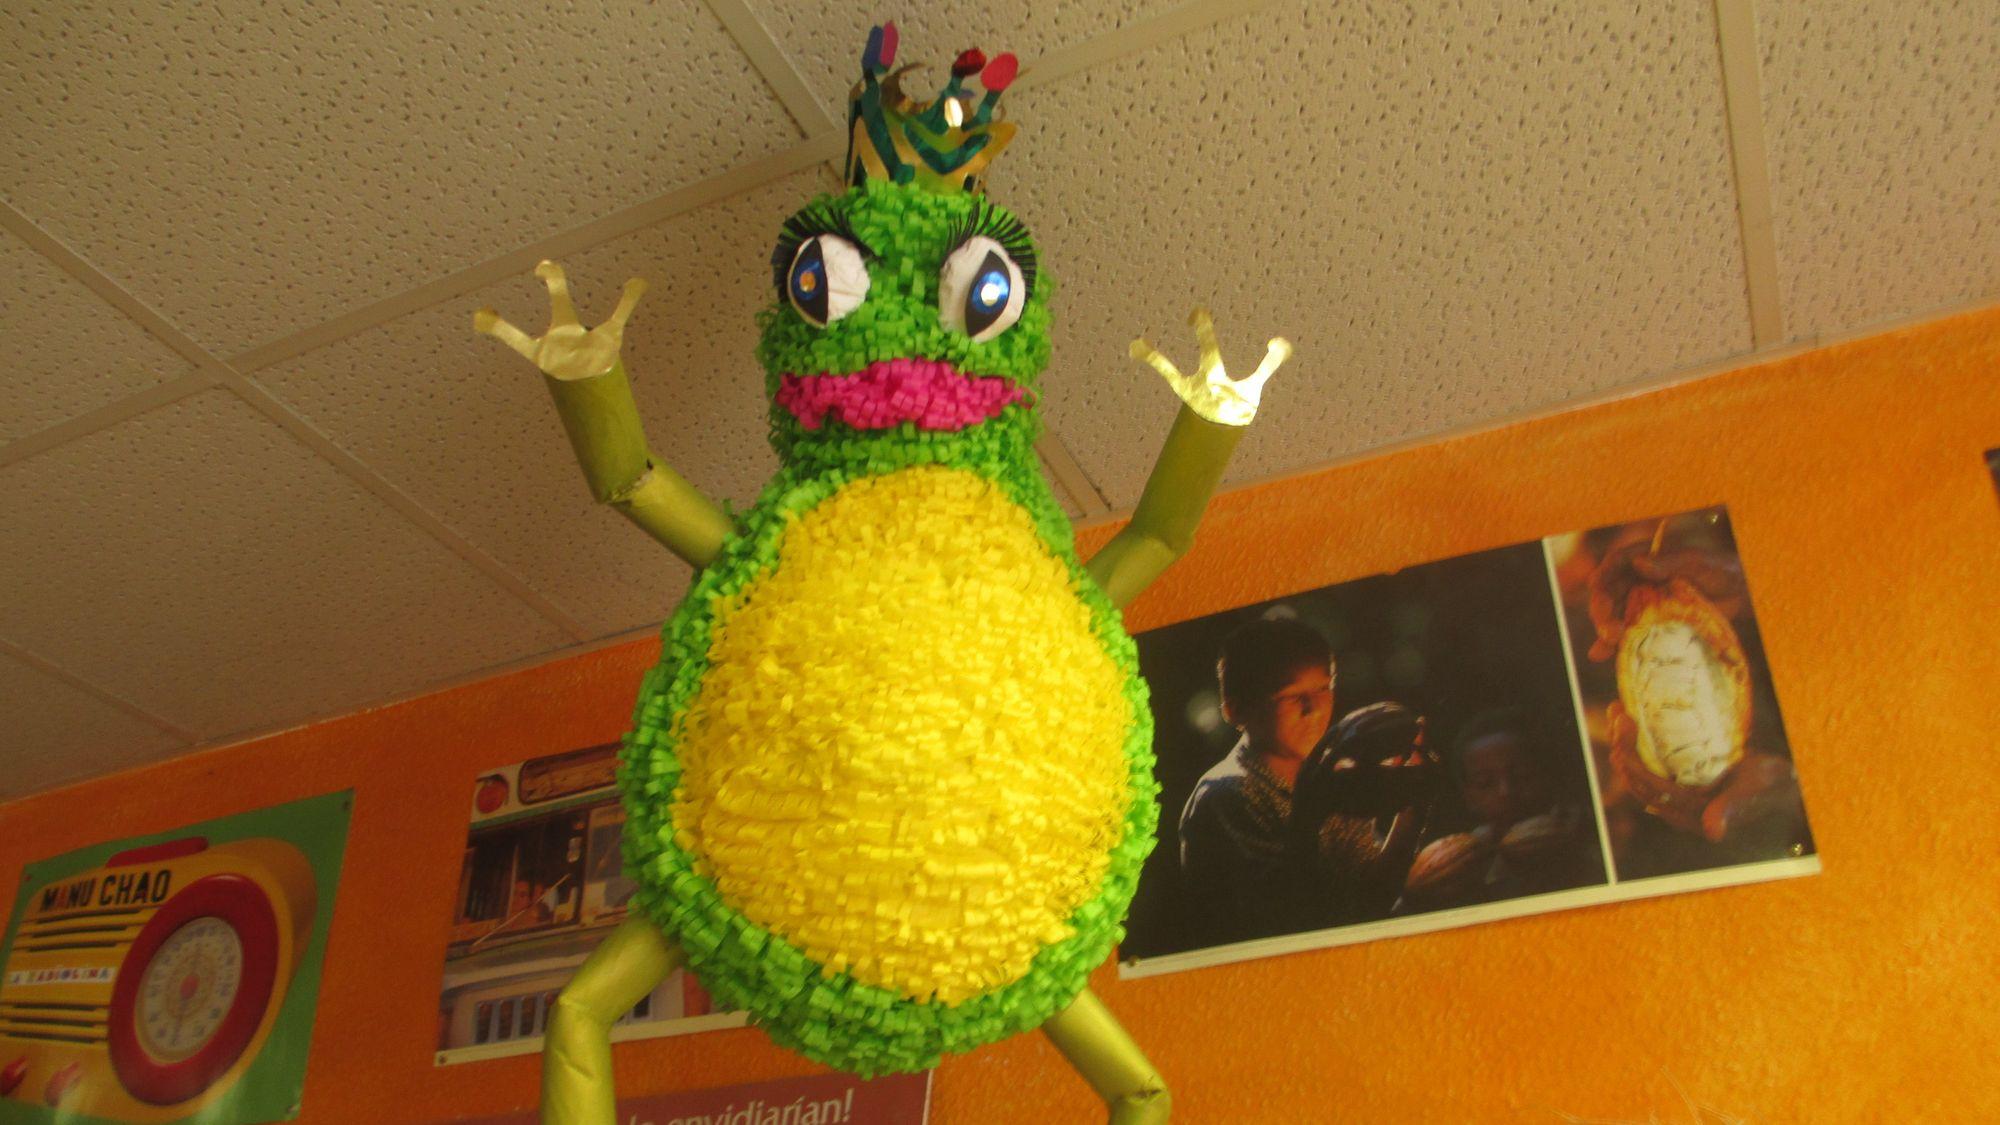 Verwandelt sich nicht in einen Prinzen, sondern in Zucker: eine selbstgebaute Pinata